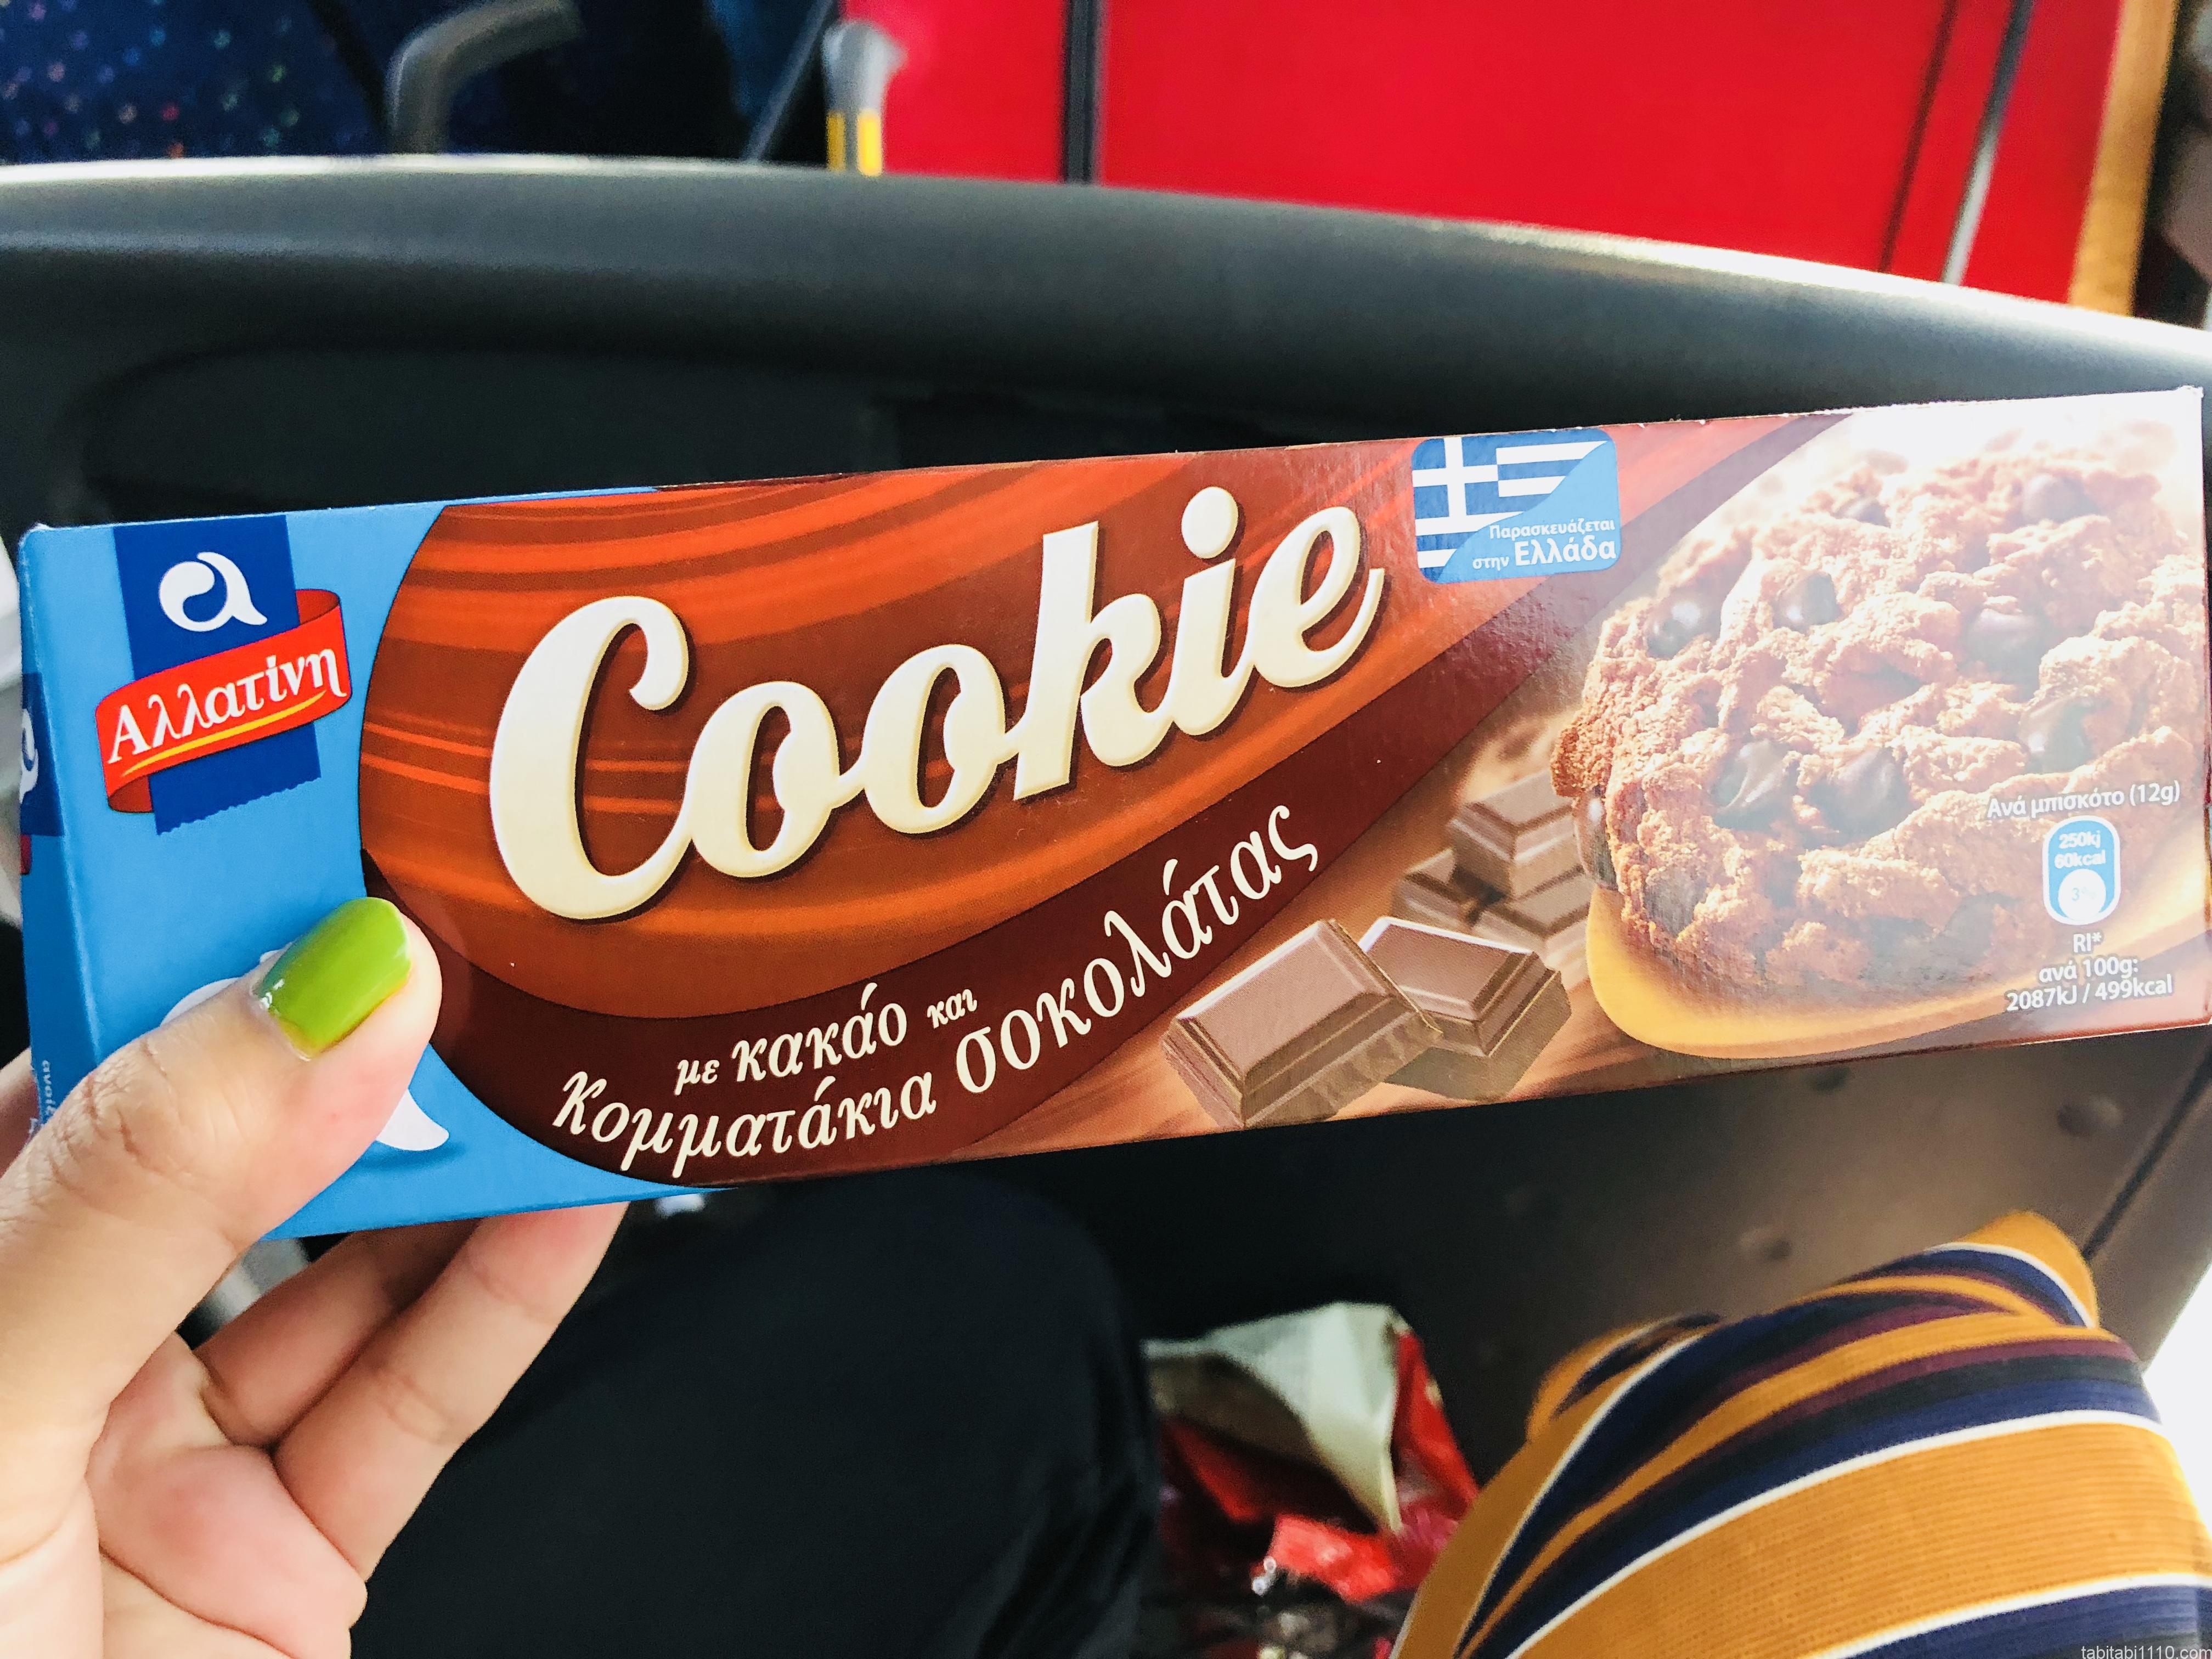 アルバニア|クッキー